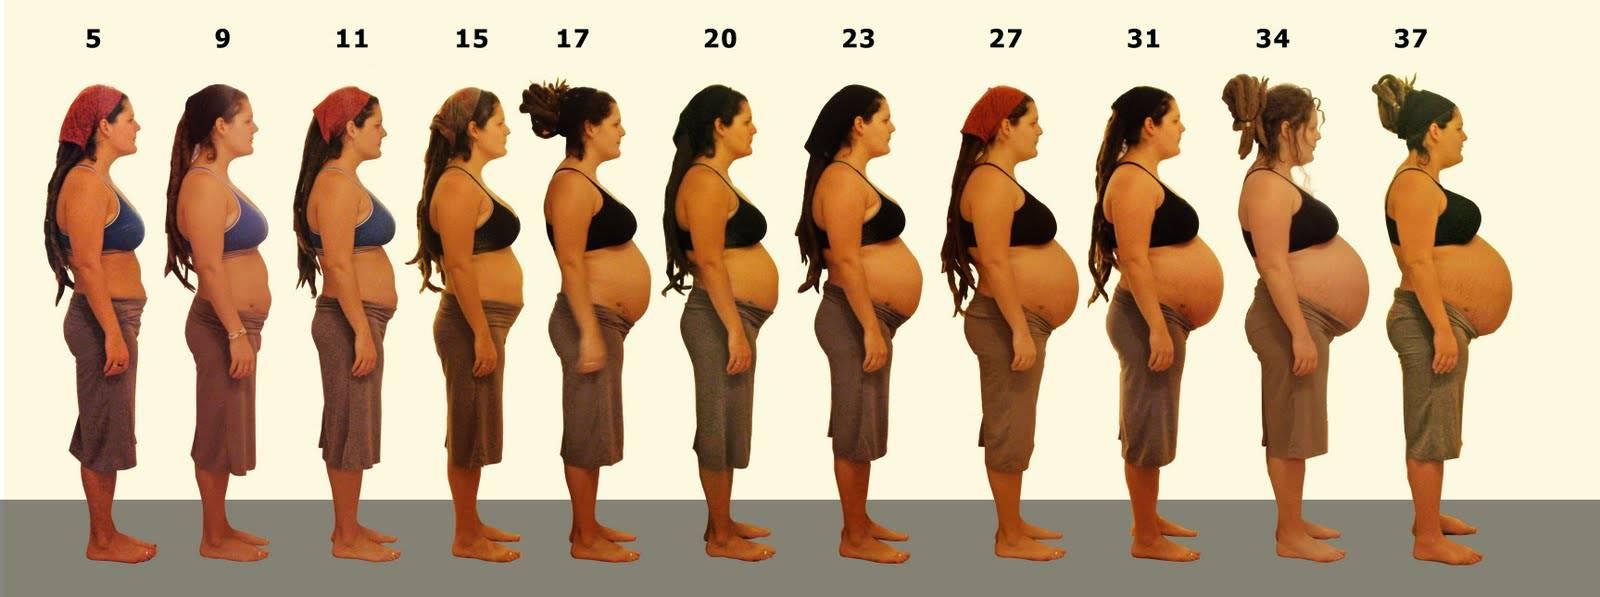 Беременность – когда начинает расти живот, что нужно знать